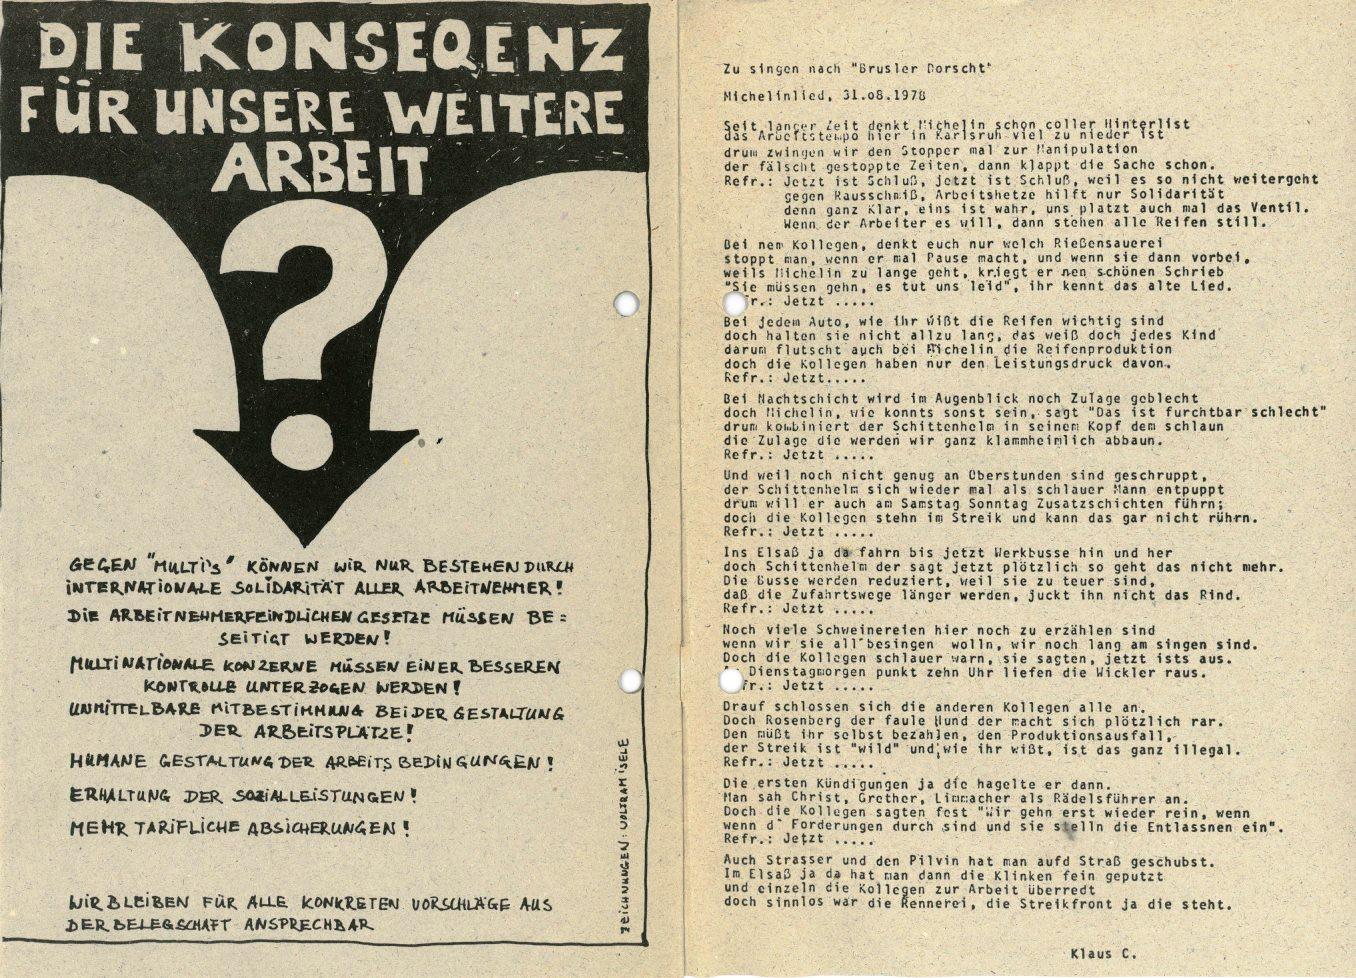 Karlsruhe_Michelin_Kostenfaktor_Arbeiter_1978_06